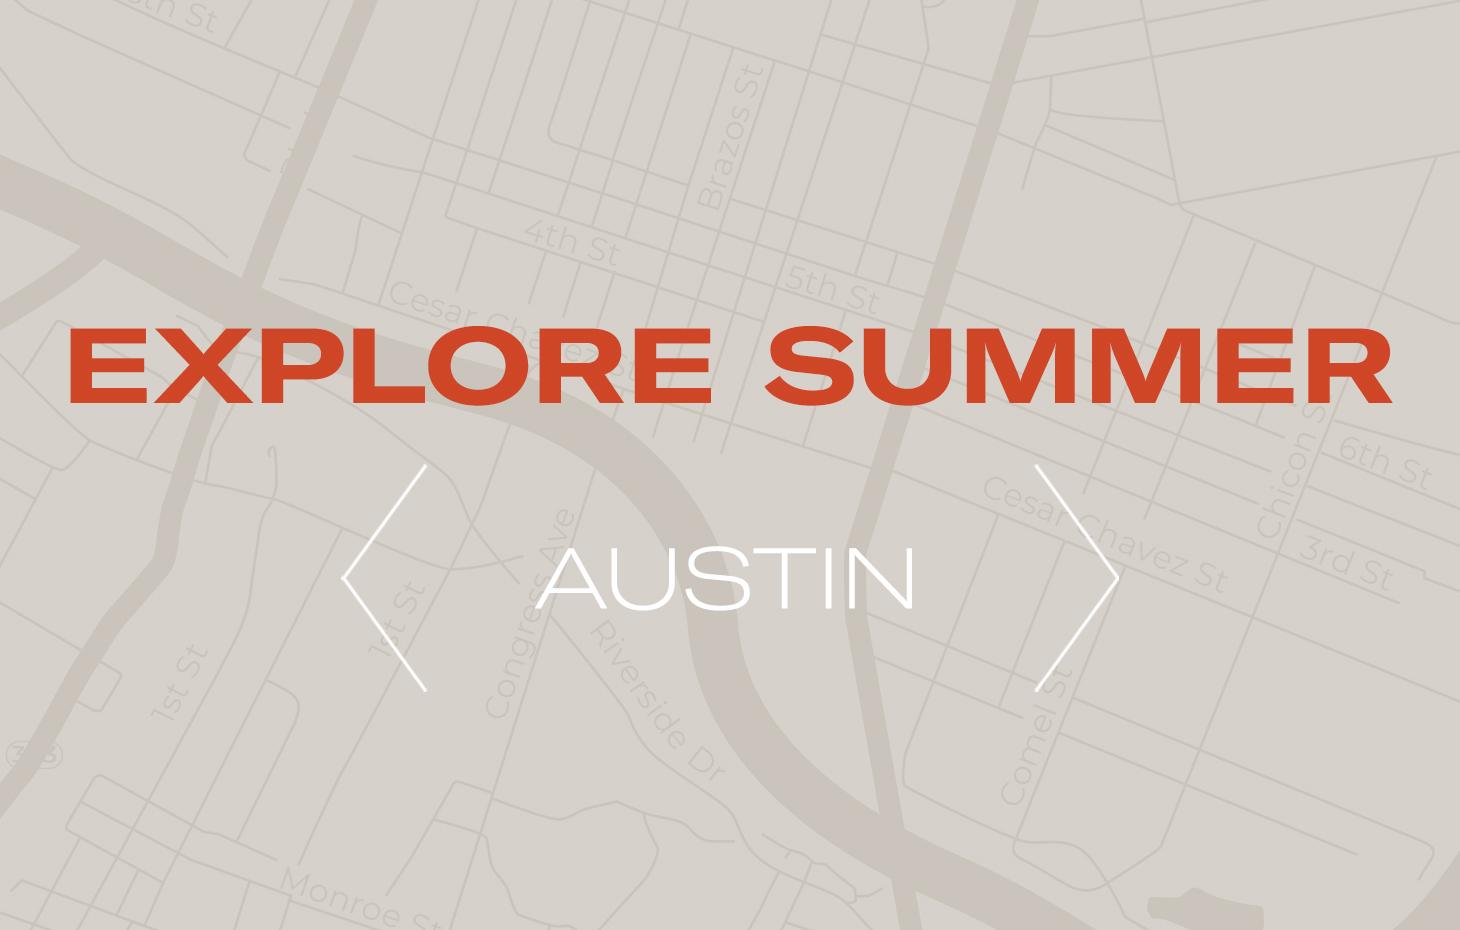 Austin Summer